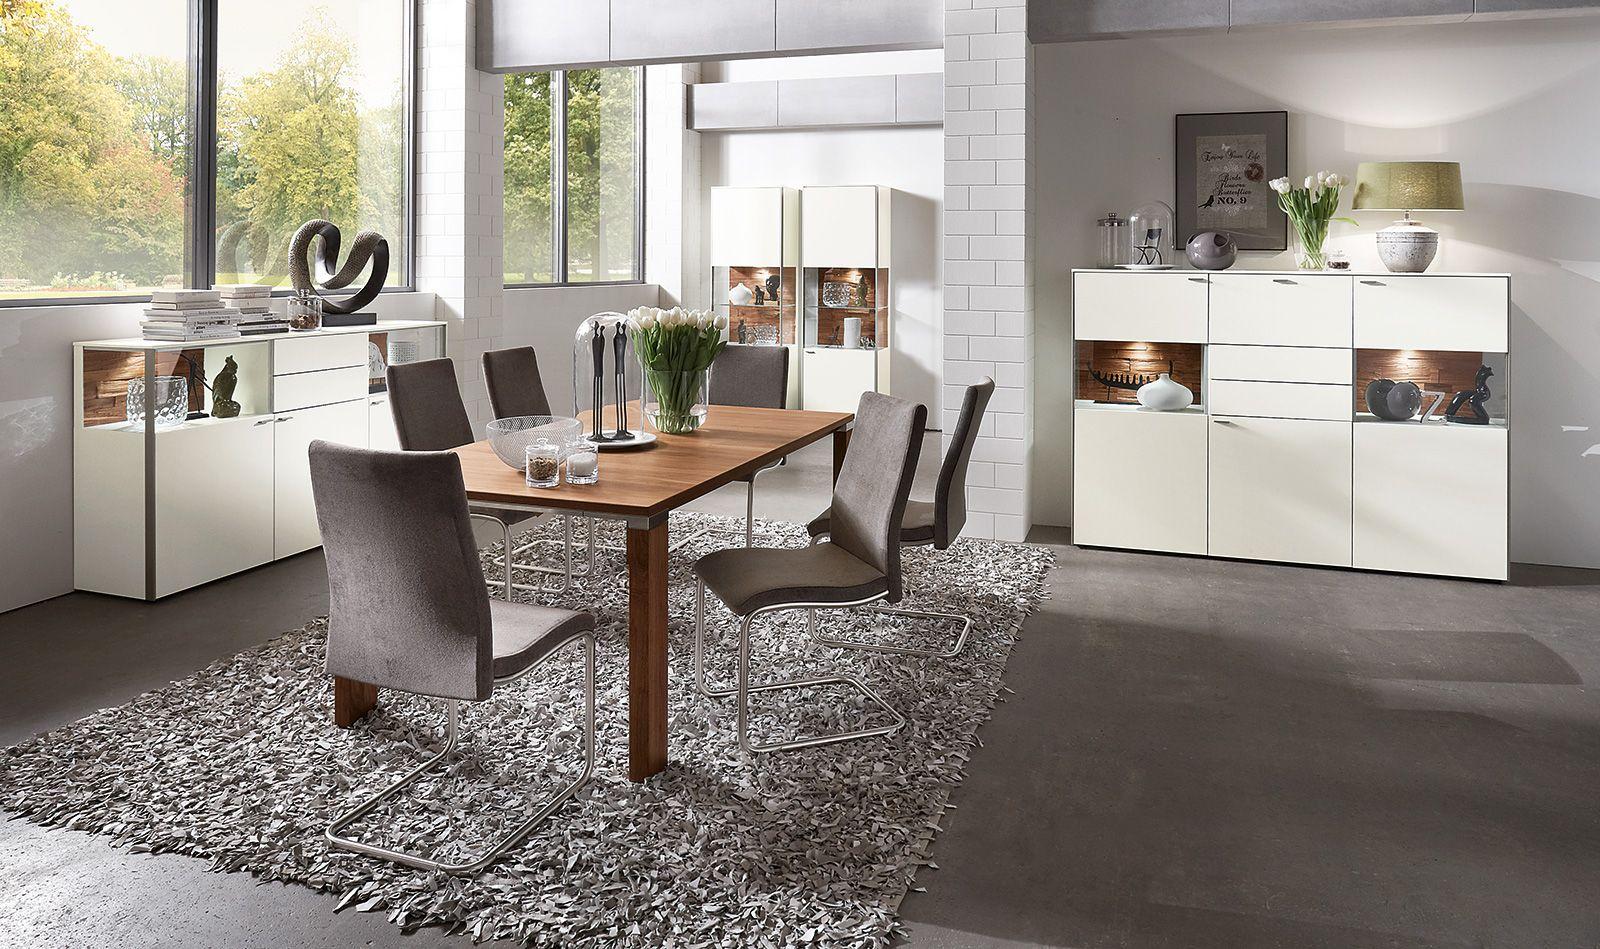 Sentino programme esszimmer venjakob m bel ideen rund ums wohnen interior design home - Venjakob esszimmer ...